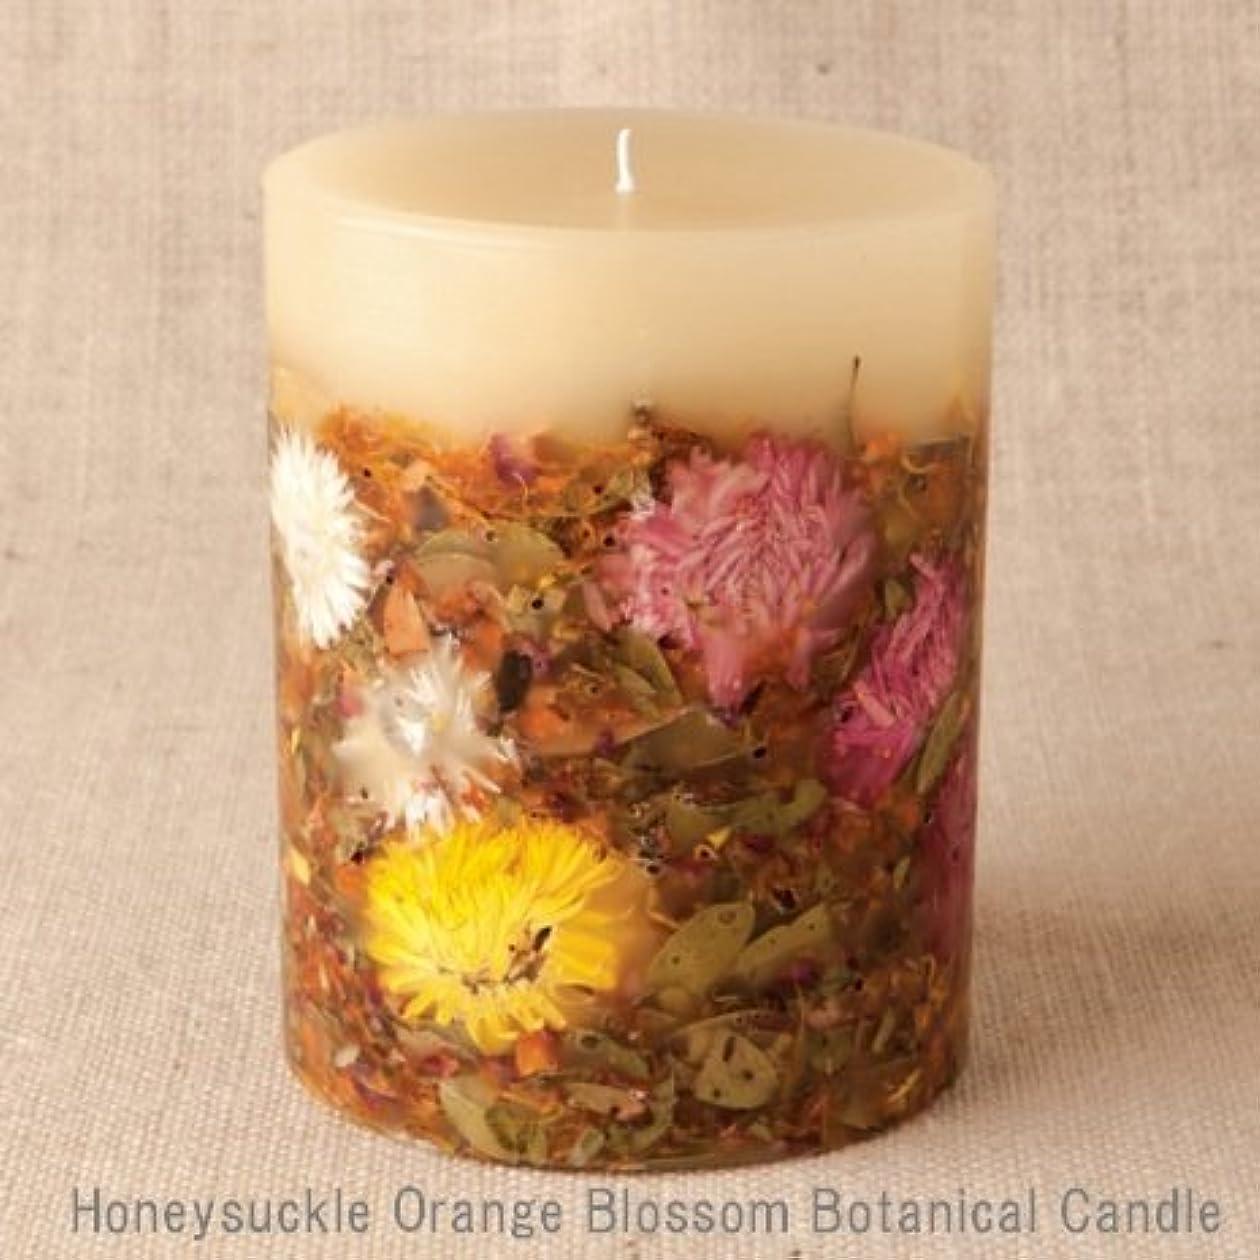 間違い海思い出す【Rosy Rings ロージーリングス】 Botanical candle キャンドル ハニーサックルオレンジ&ブロッサム